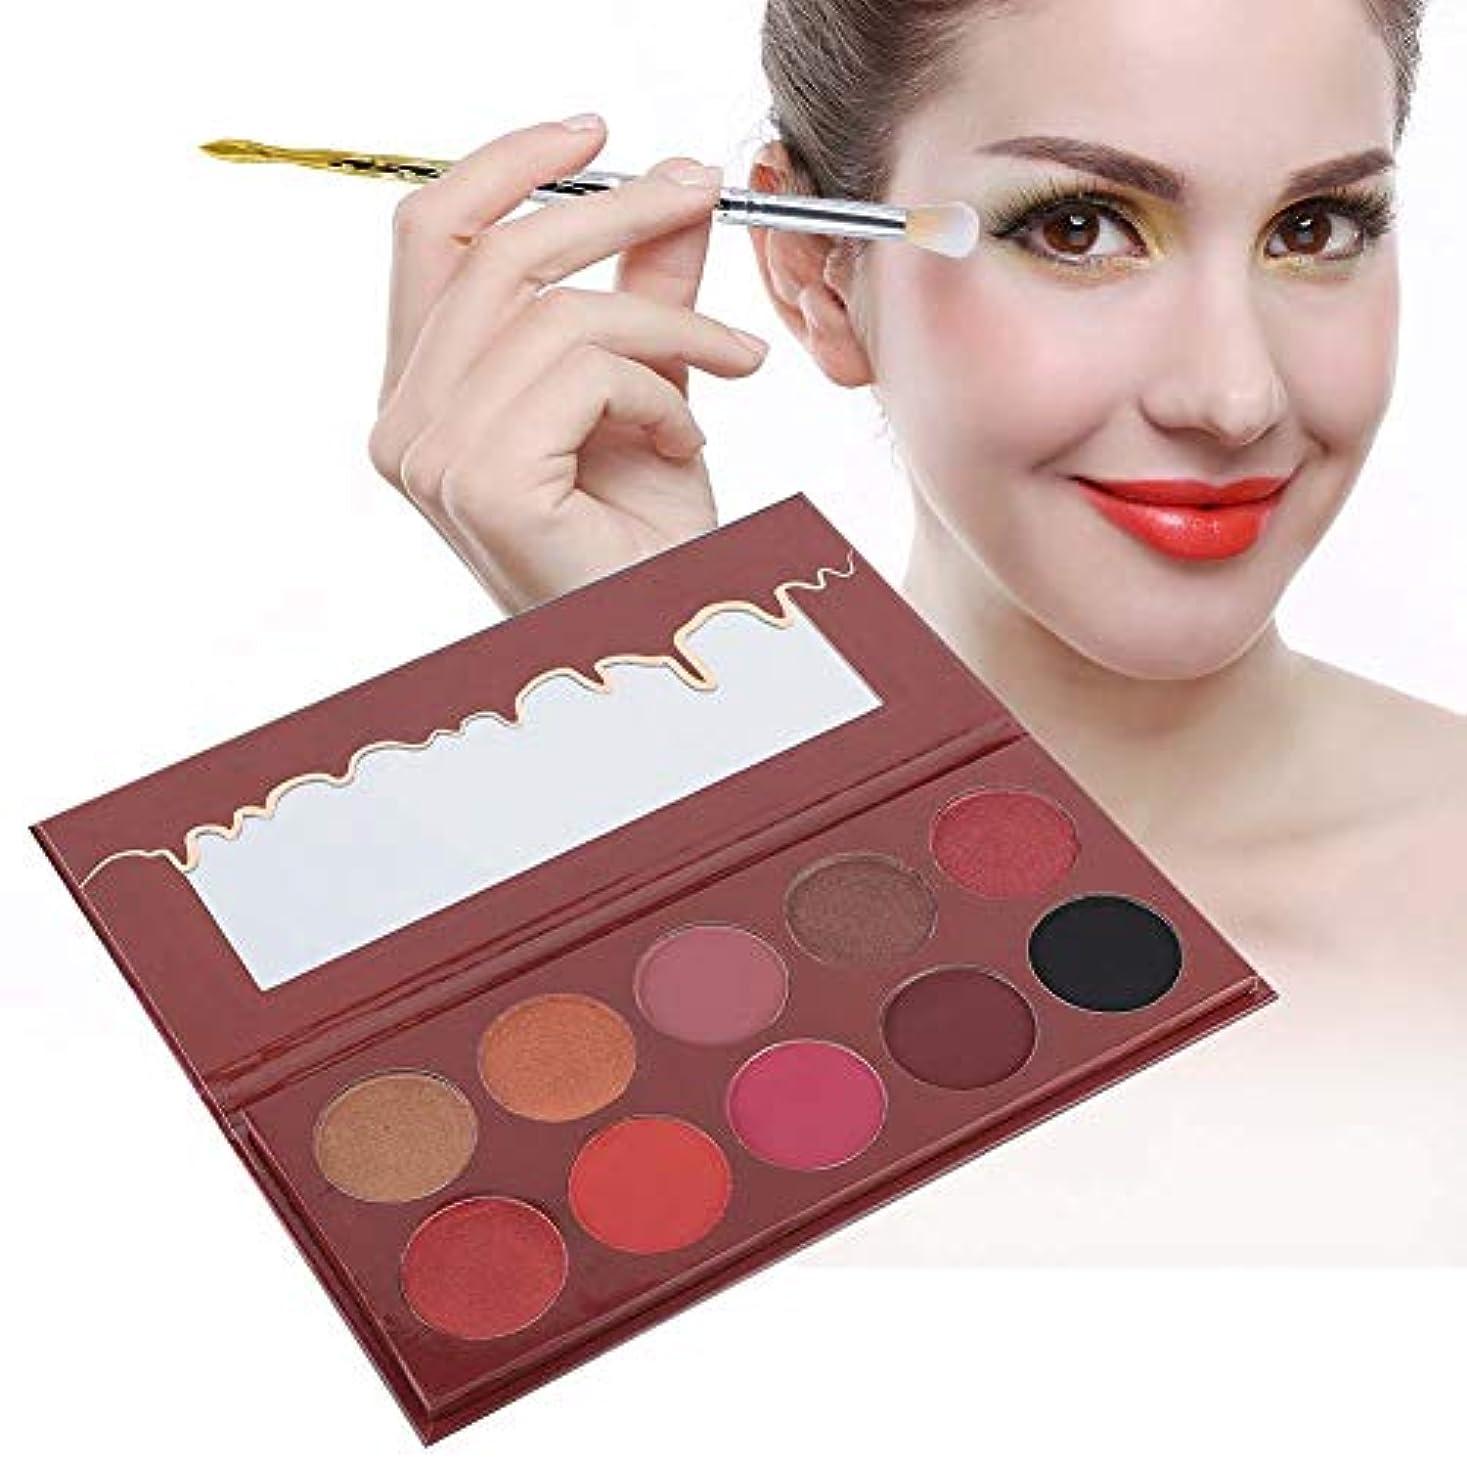 冷える結紮印象的な10色 アイシャドウパレット アイシャドウパレット 化粧マット グロス アイシャドウパウダー 化粧品ツール